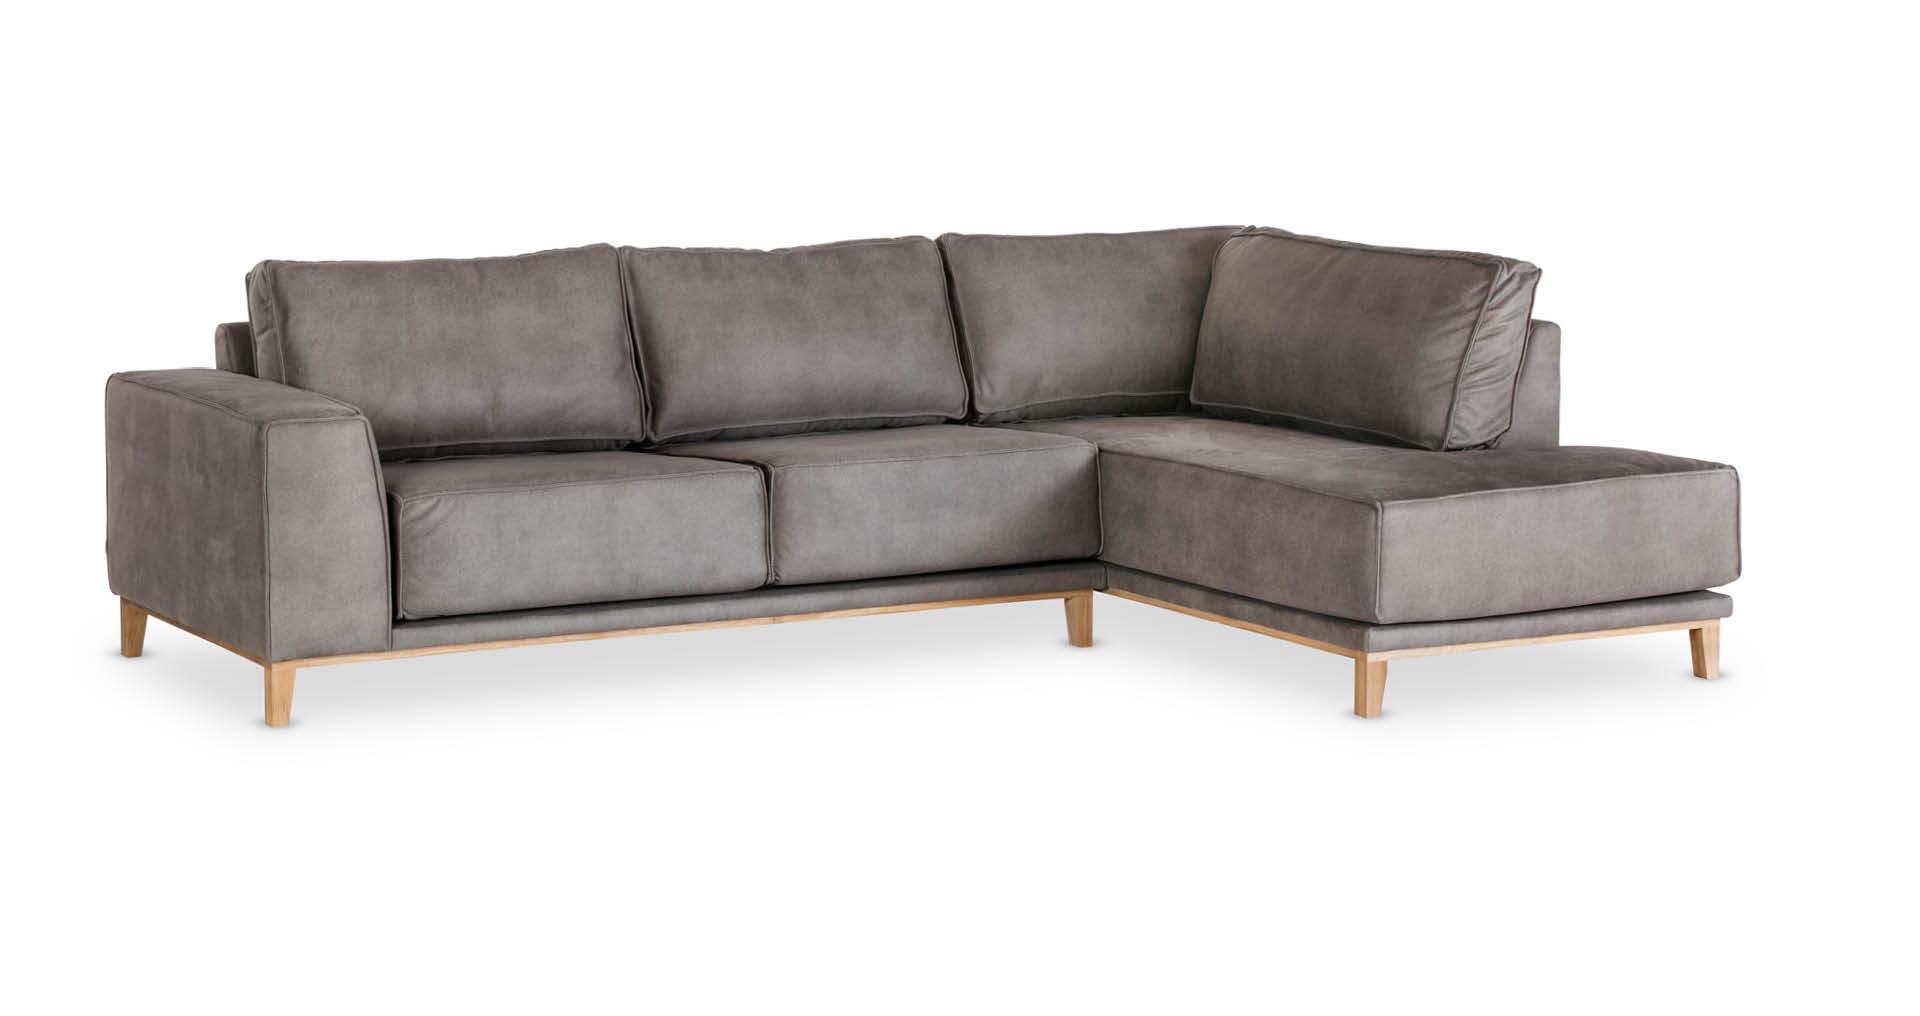 """ספה פינתית ויקלייט צד ימין 300 ס""""מ בגוון אפור מעושן"""